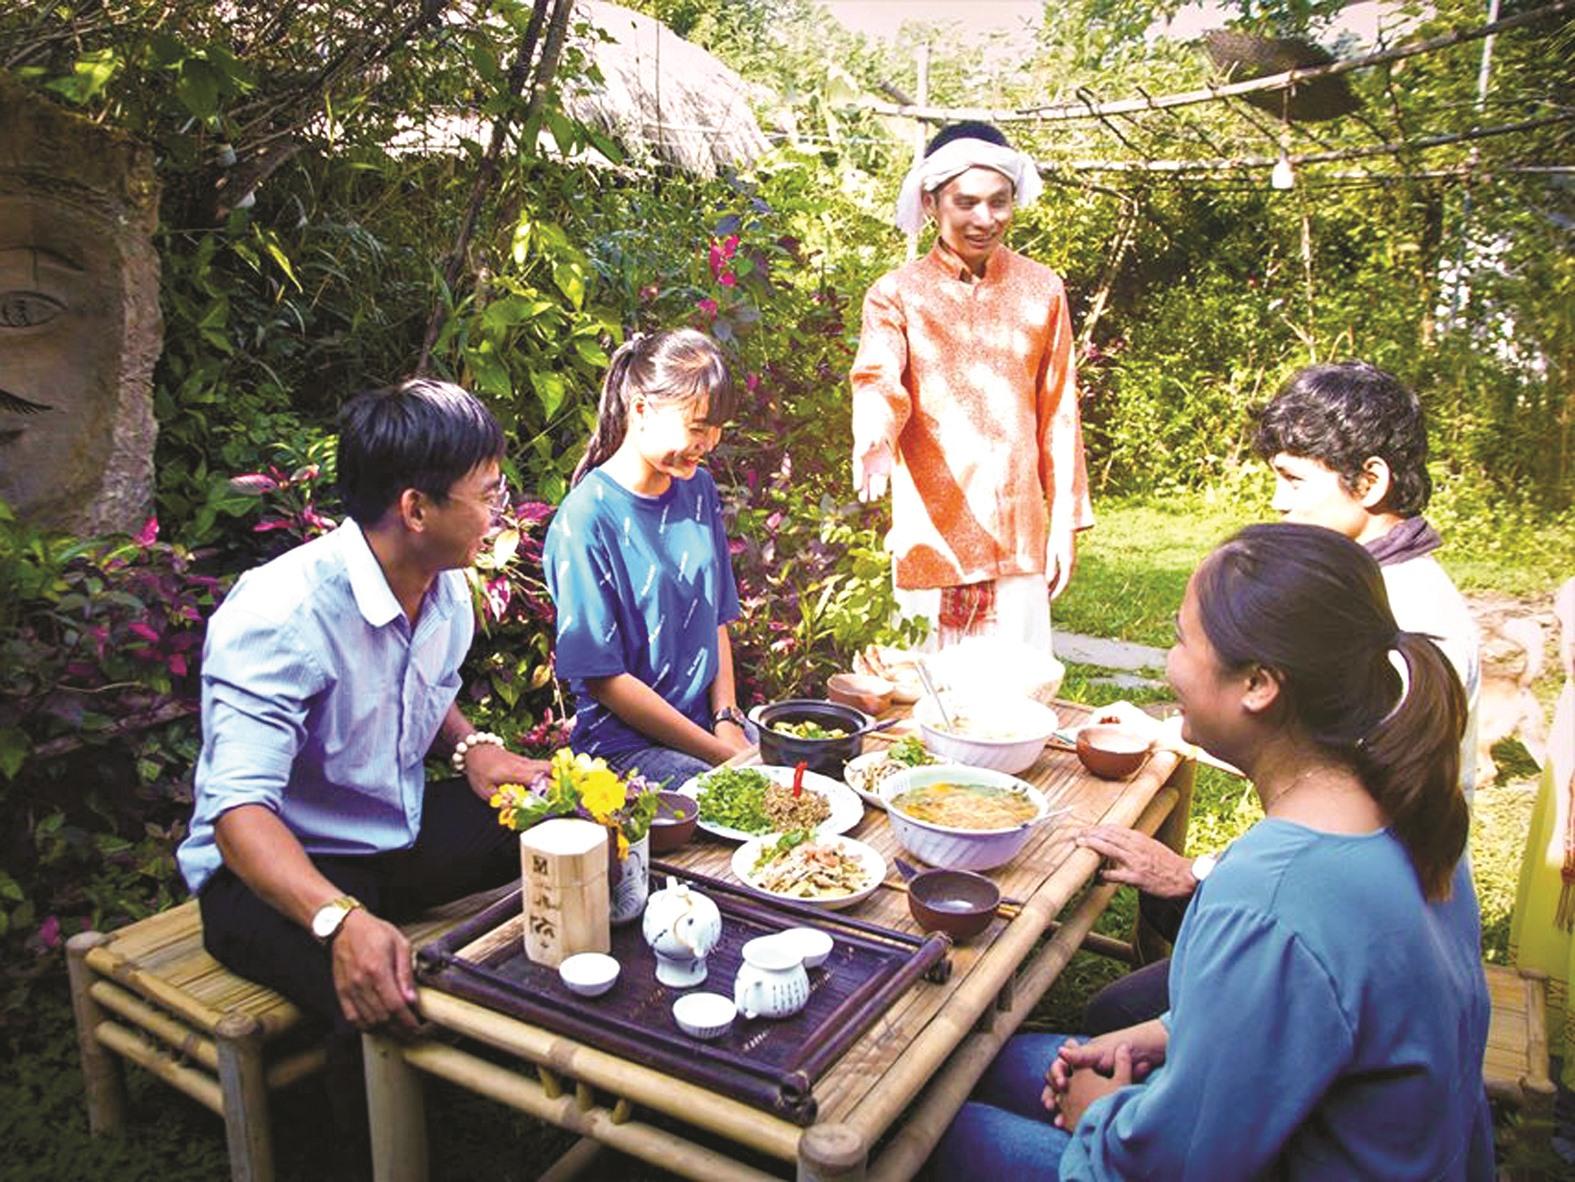 Dự án khởi nghiệp Adei House phục vụ ẩm thực Chăm cho du khách. Ảnh: NVCC